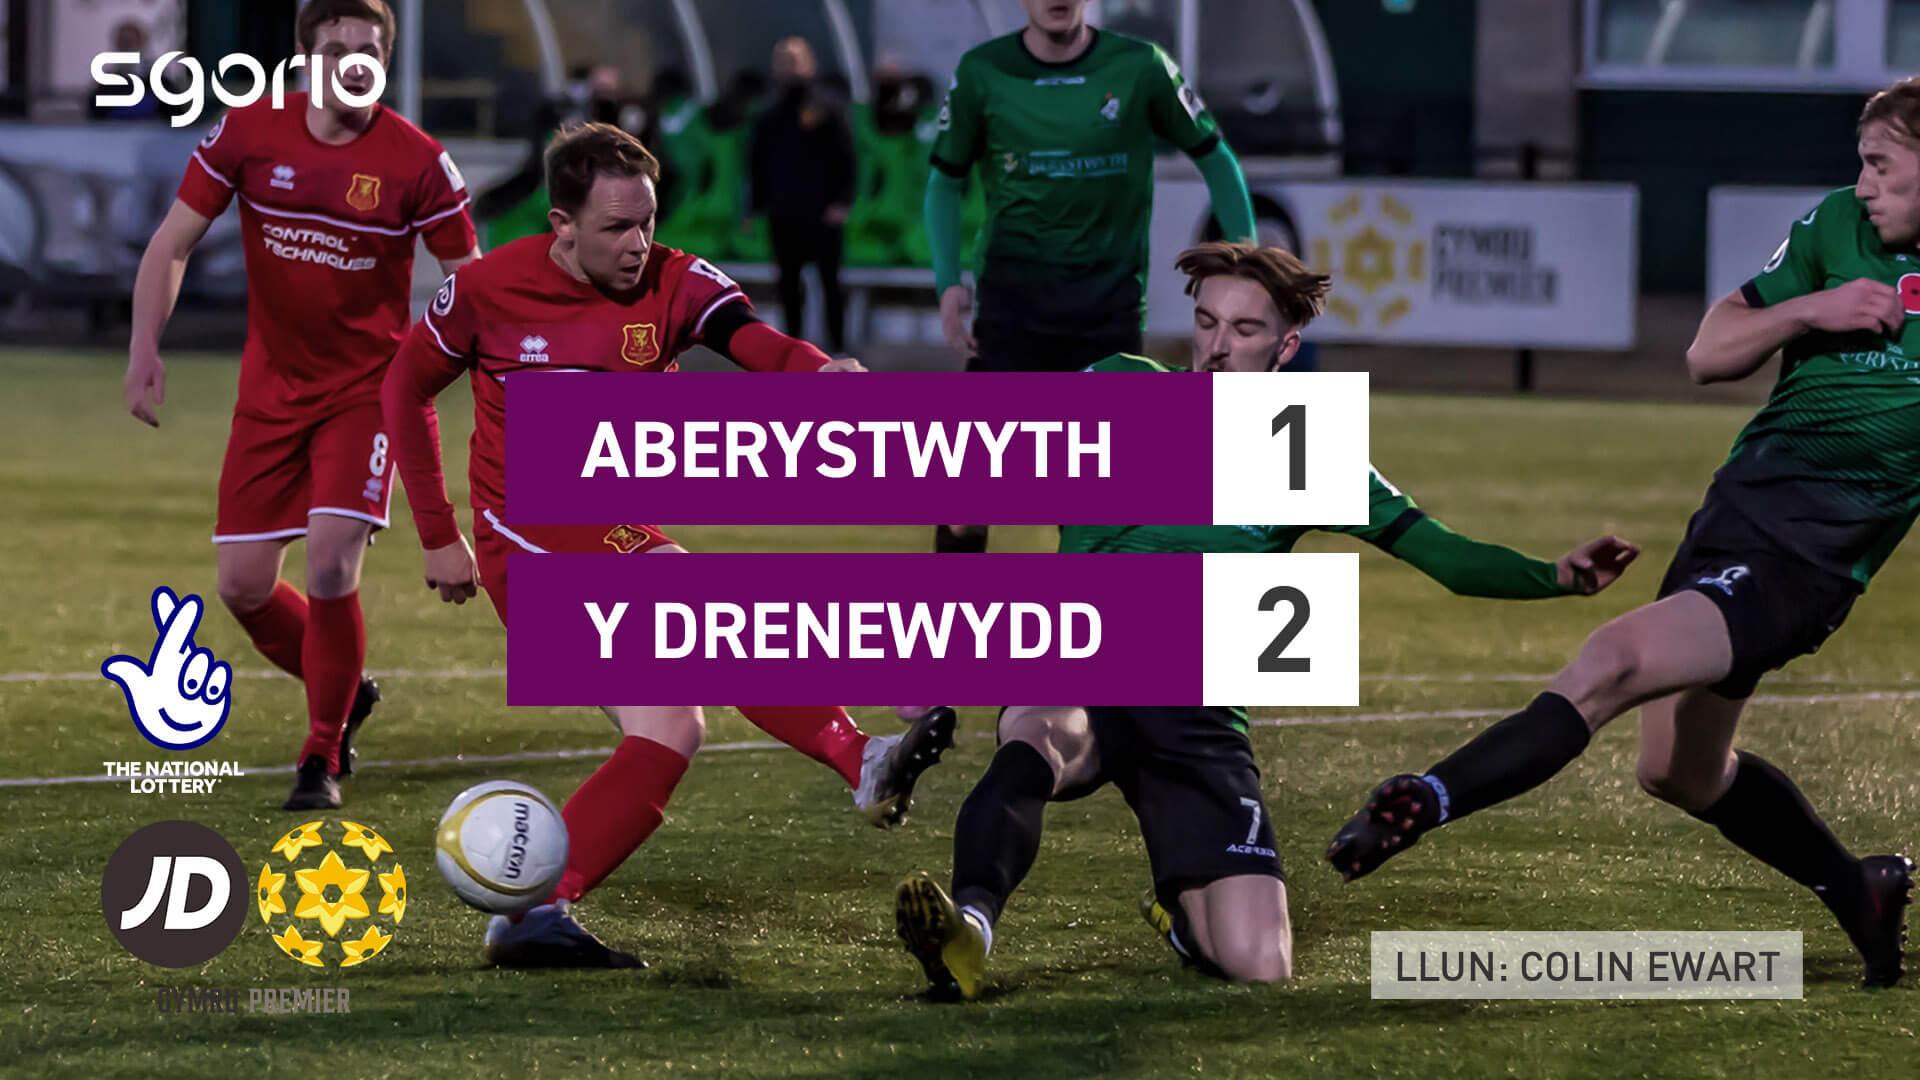 Aberystwyth 1-2 Y Drenewydd